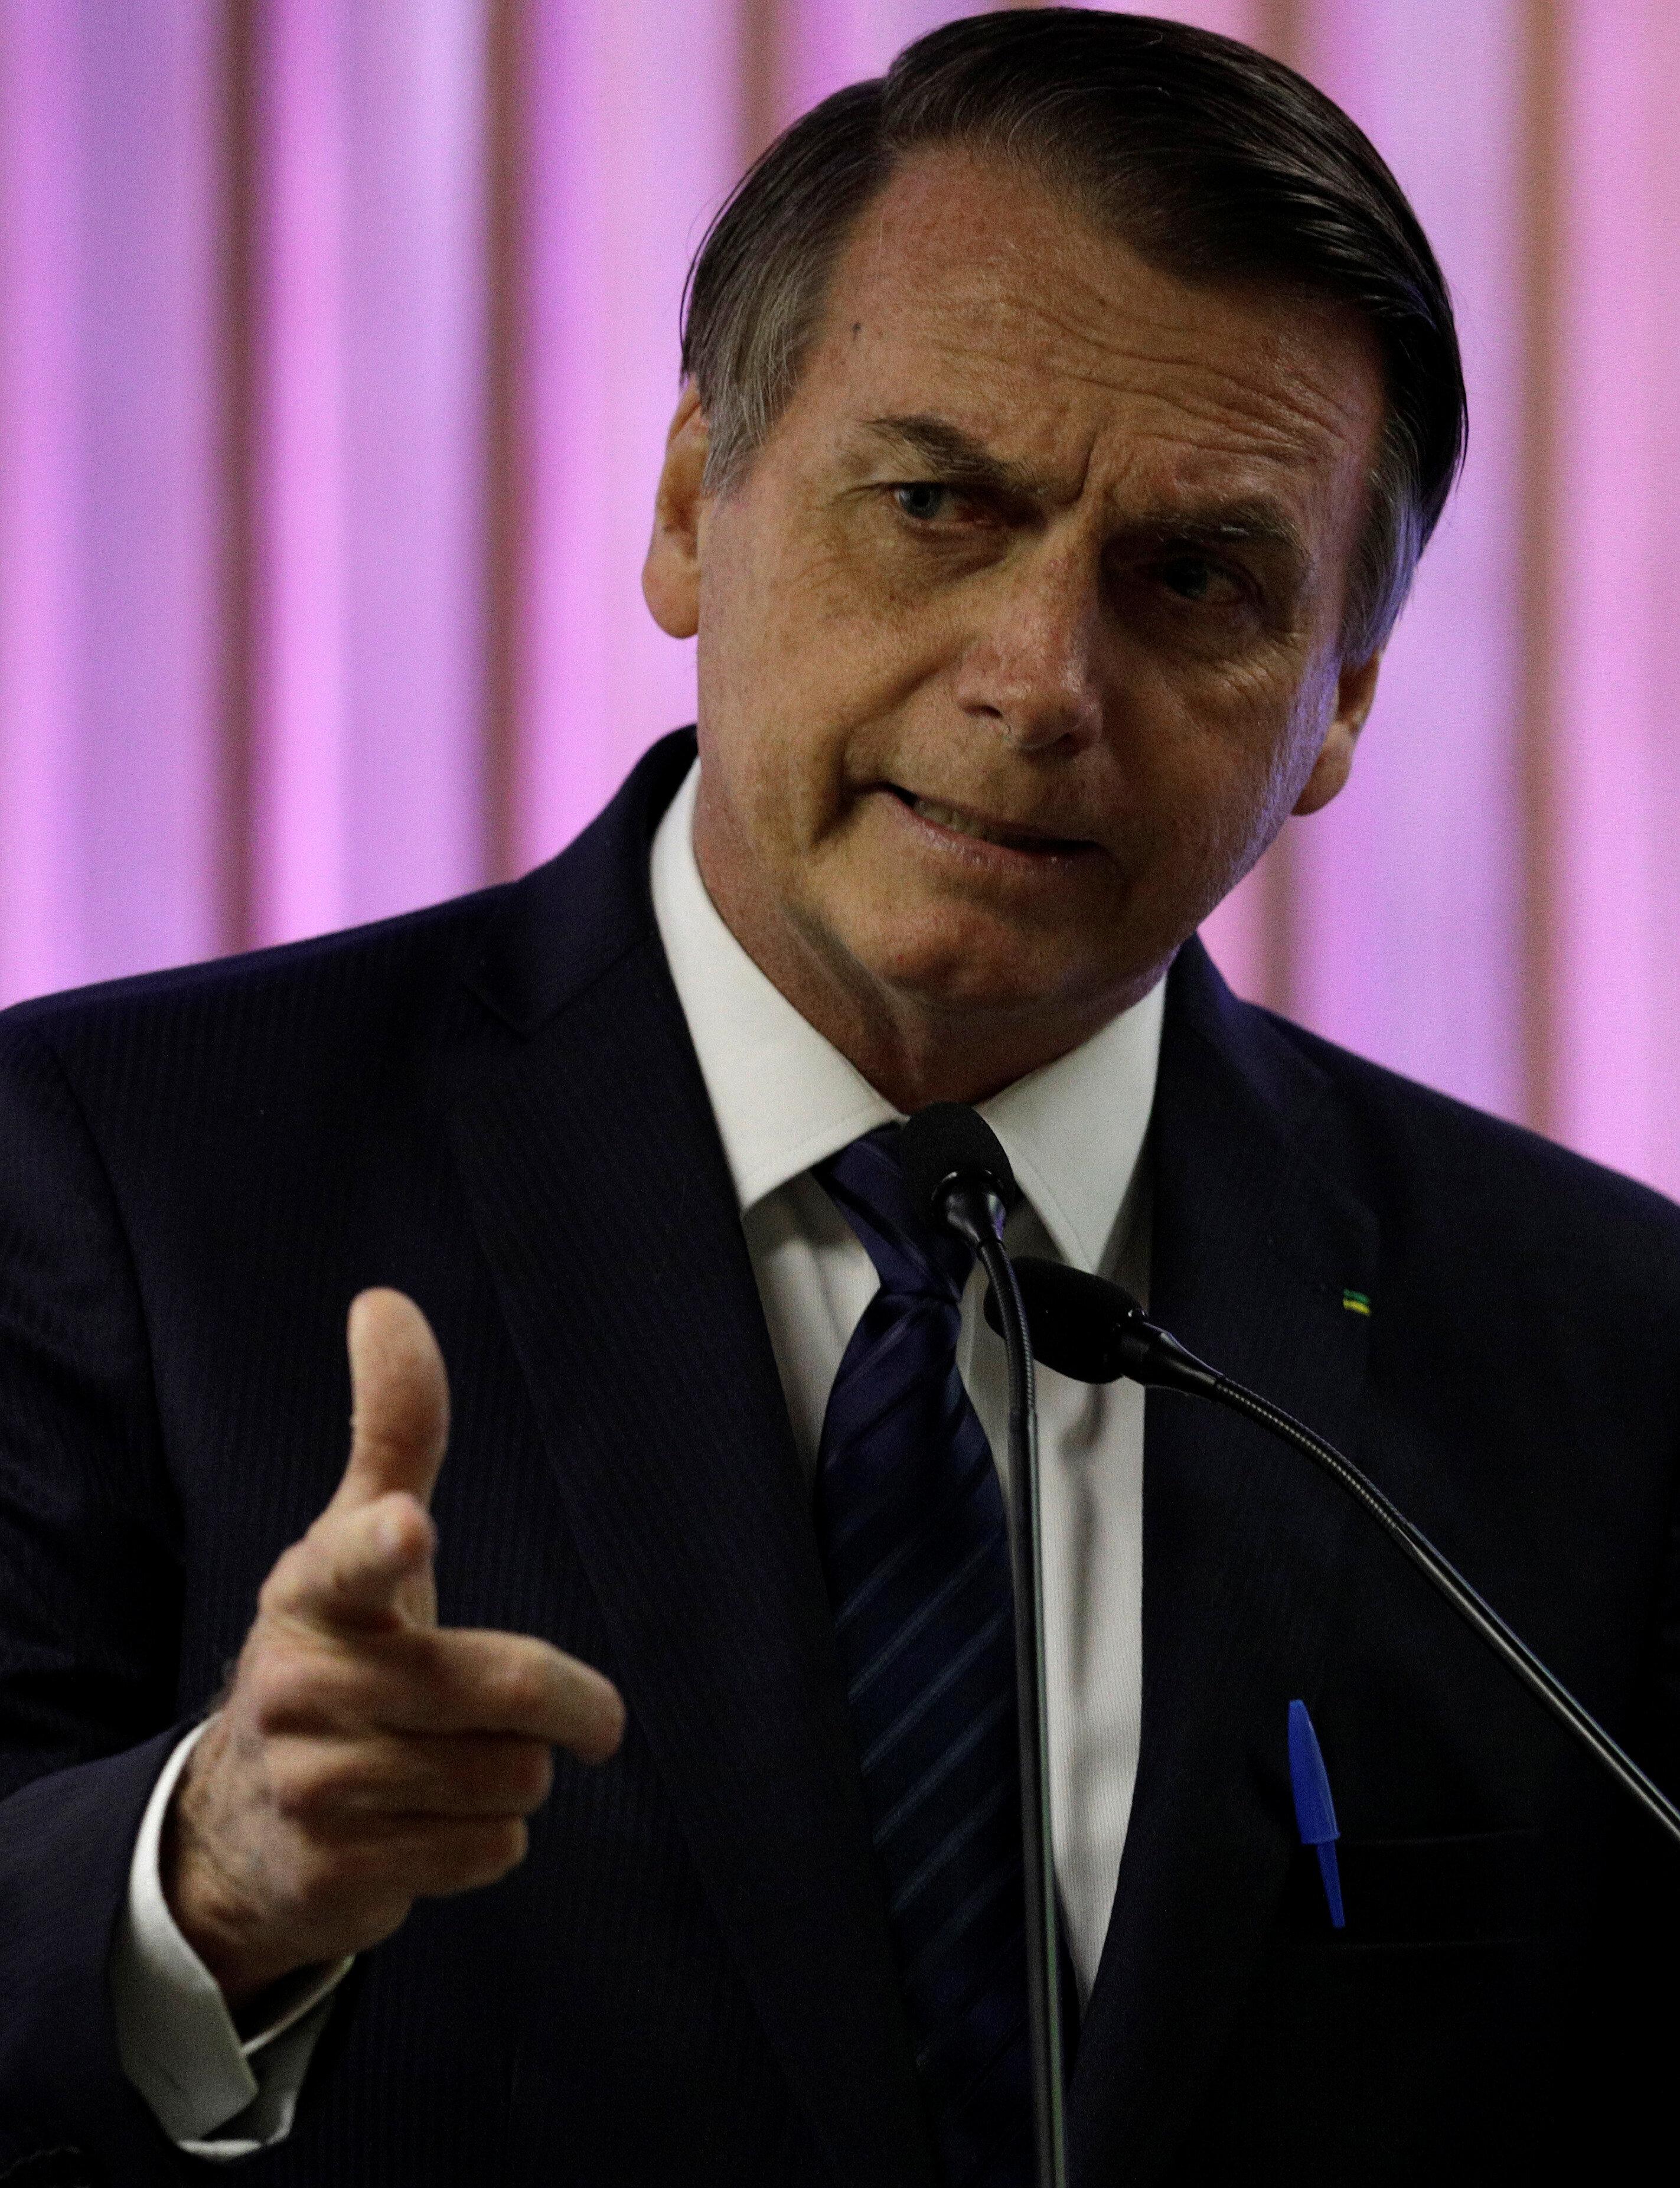 Para Bolsonaro, 'o problema é a classe política' do Brasil, que não quer 'apenas